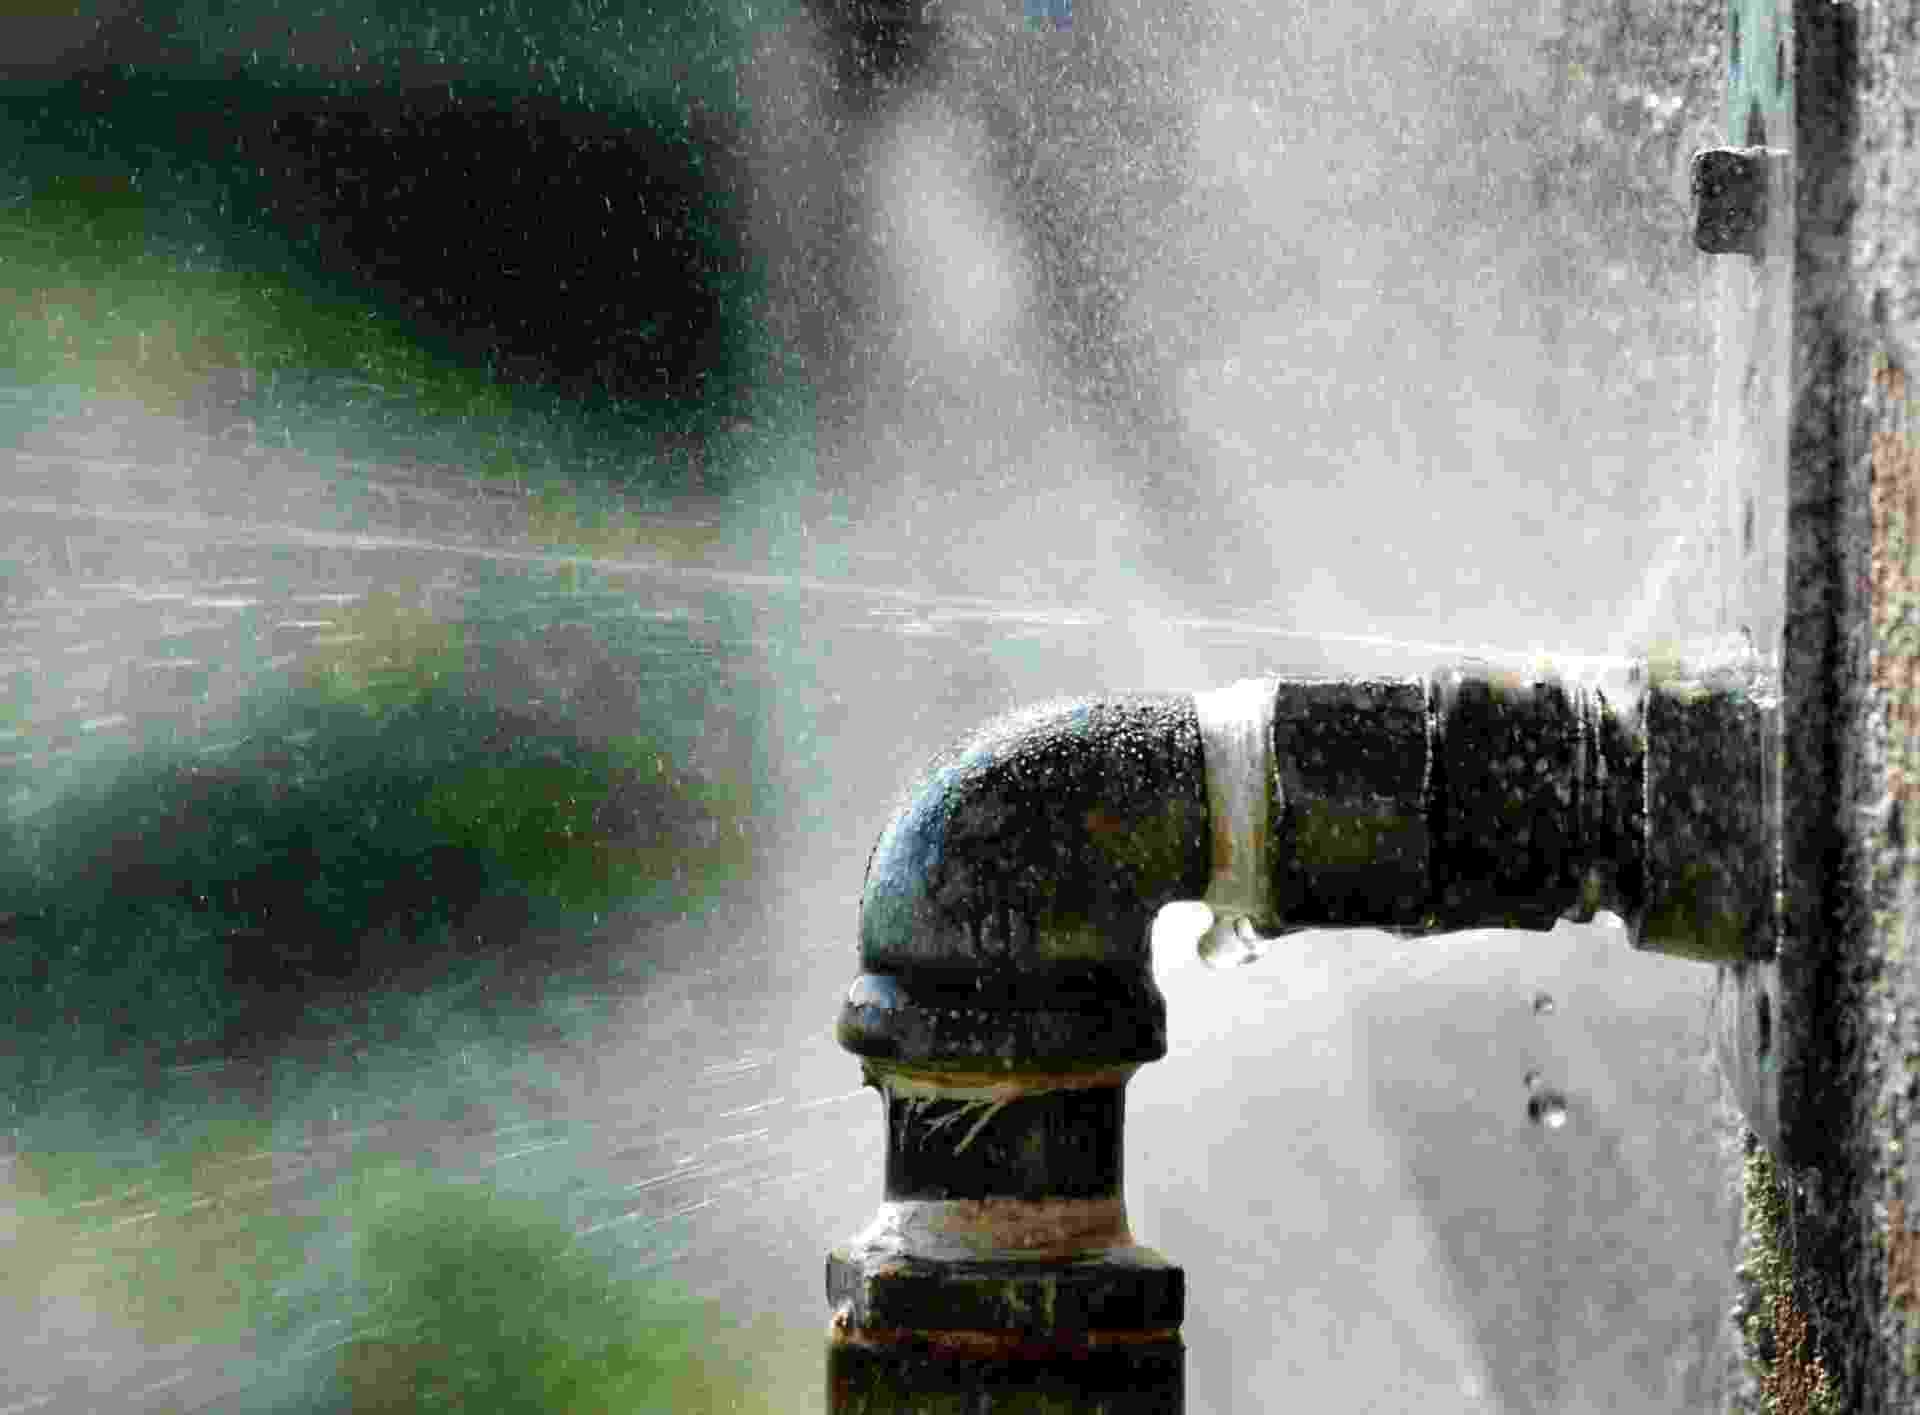 Conheça 12 erros que levam à desvalorização do imóvel e saiba como evitá-los - Não fazer manutenção preventiva (foto: cano com vazamento) - Getty Images